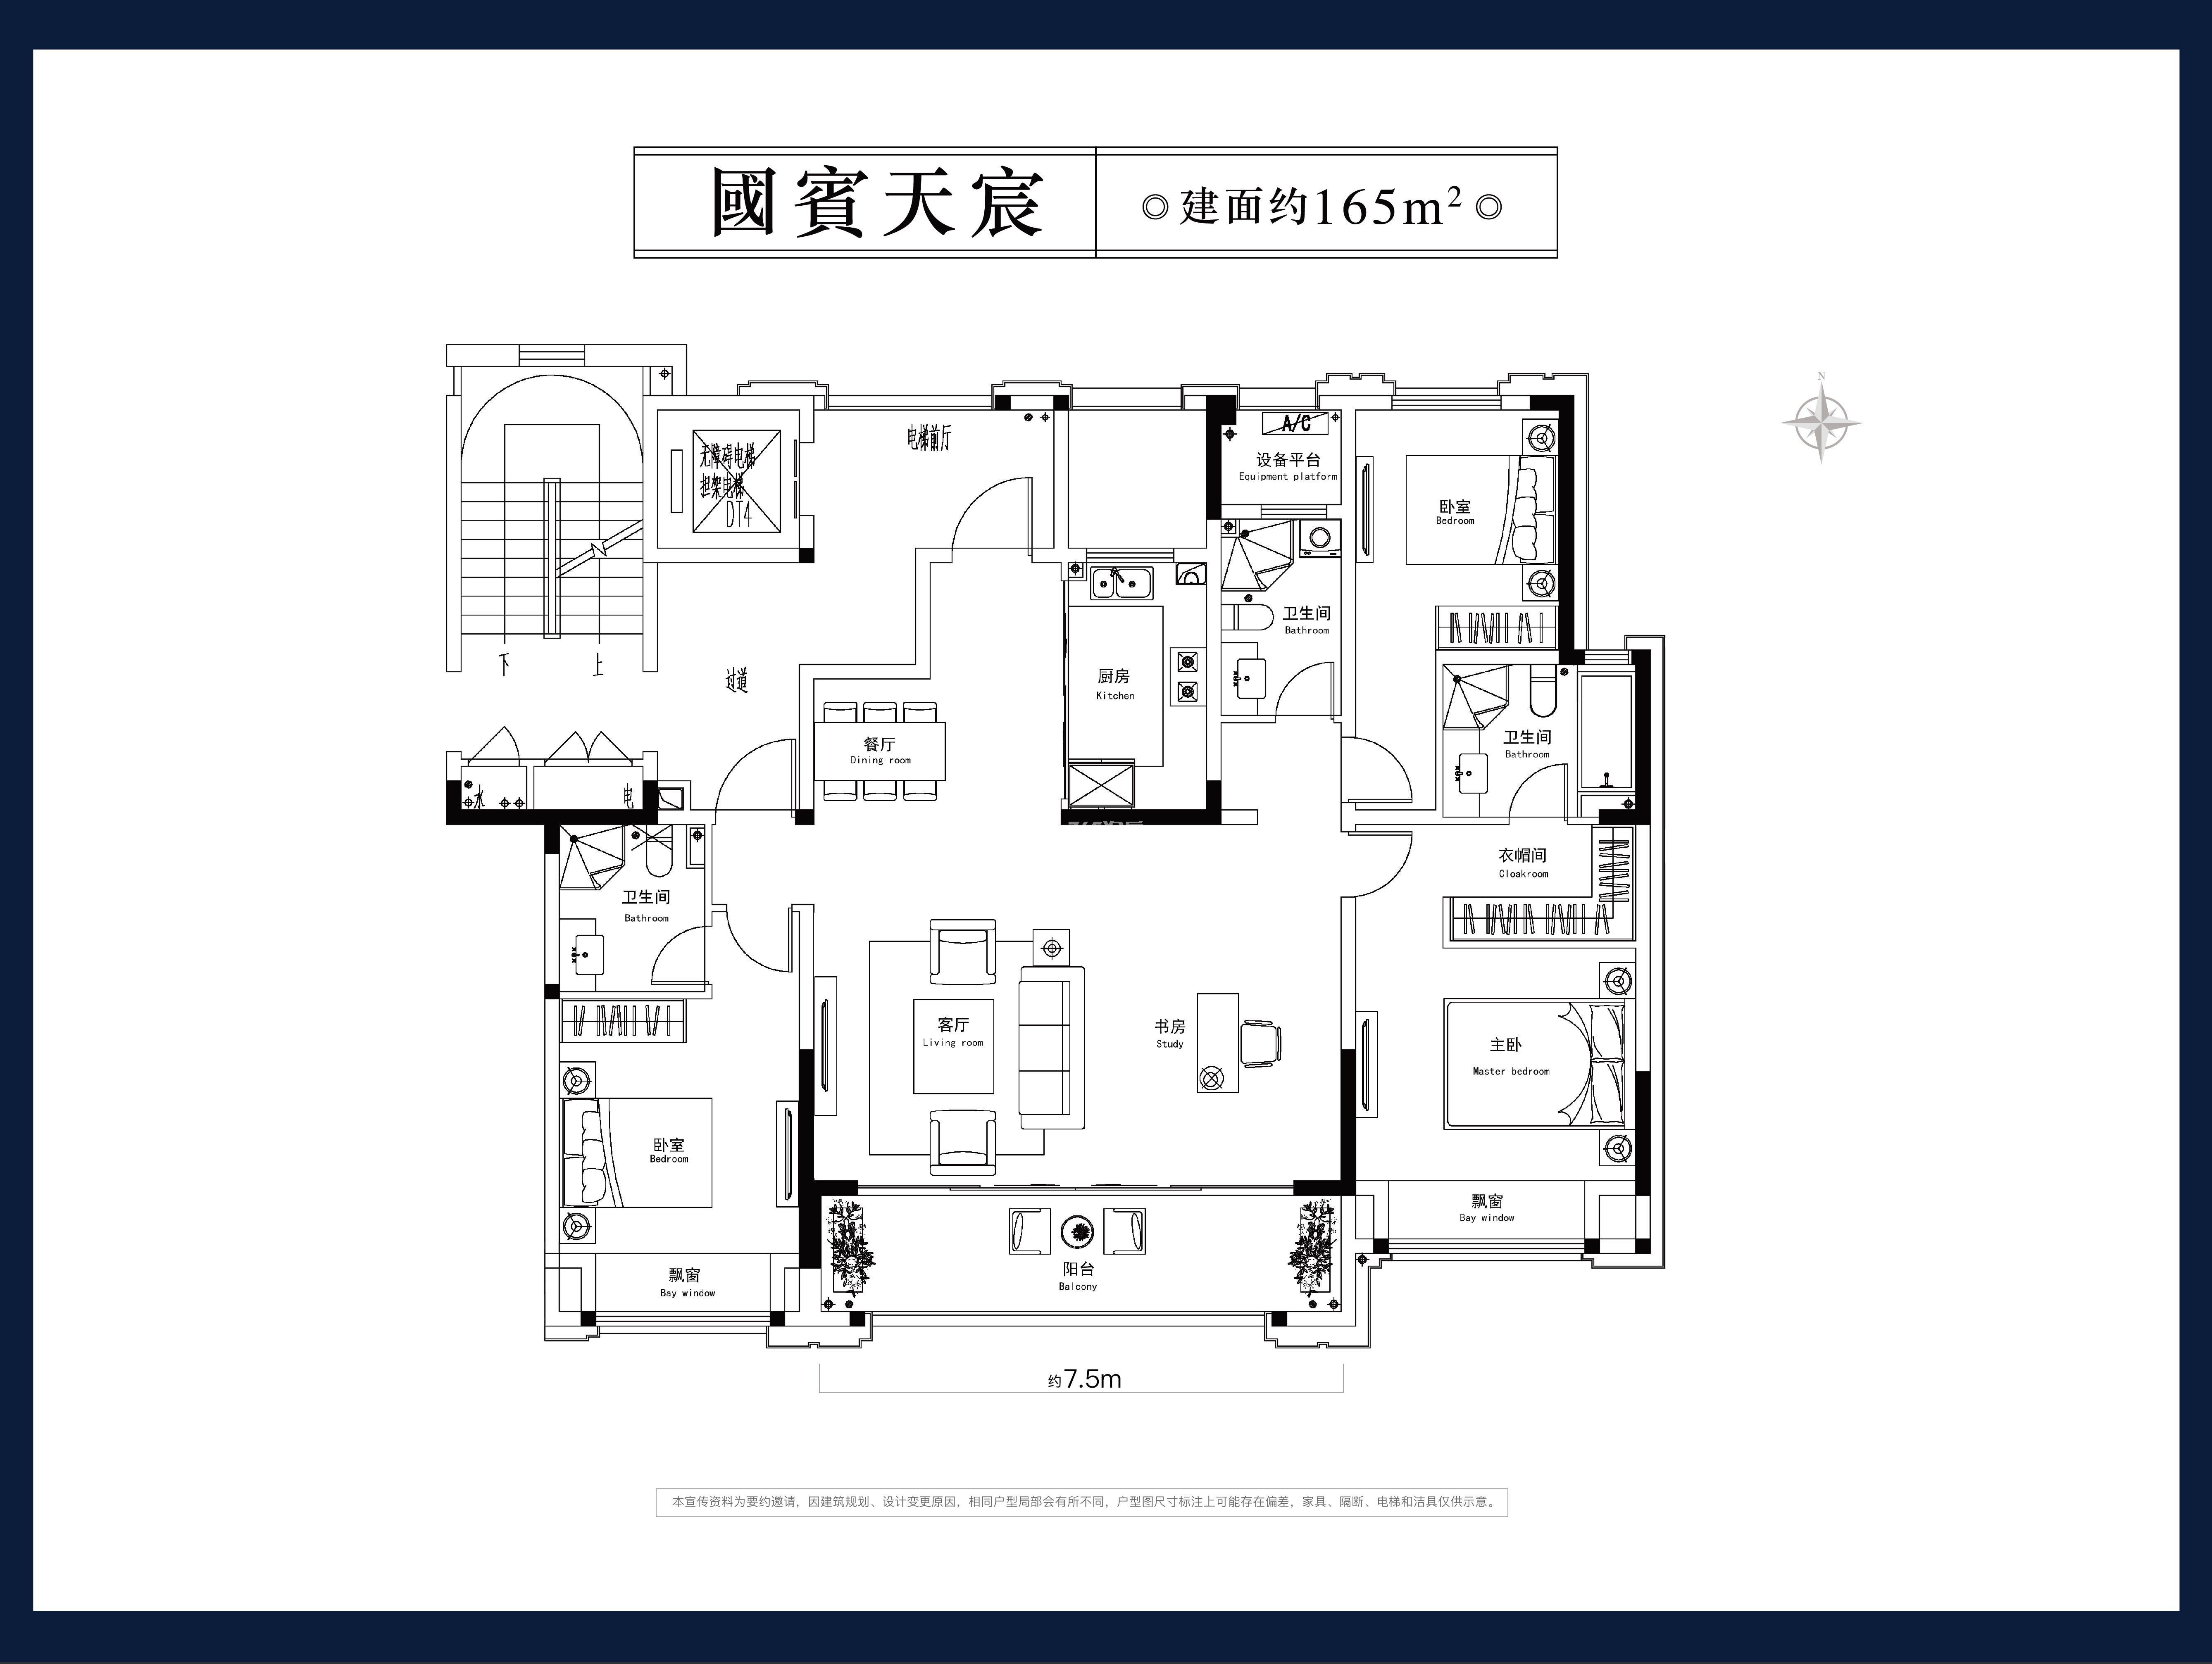 路劲雅居乐·国仕九礼户型图